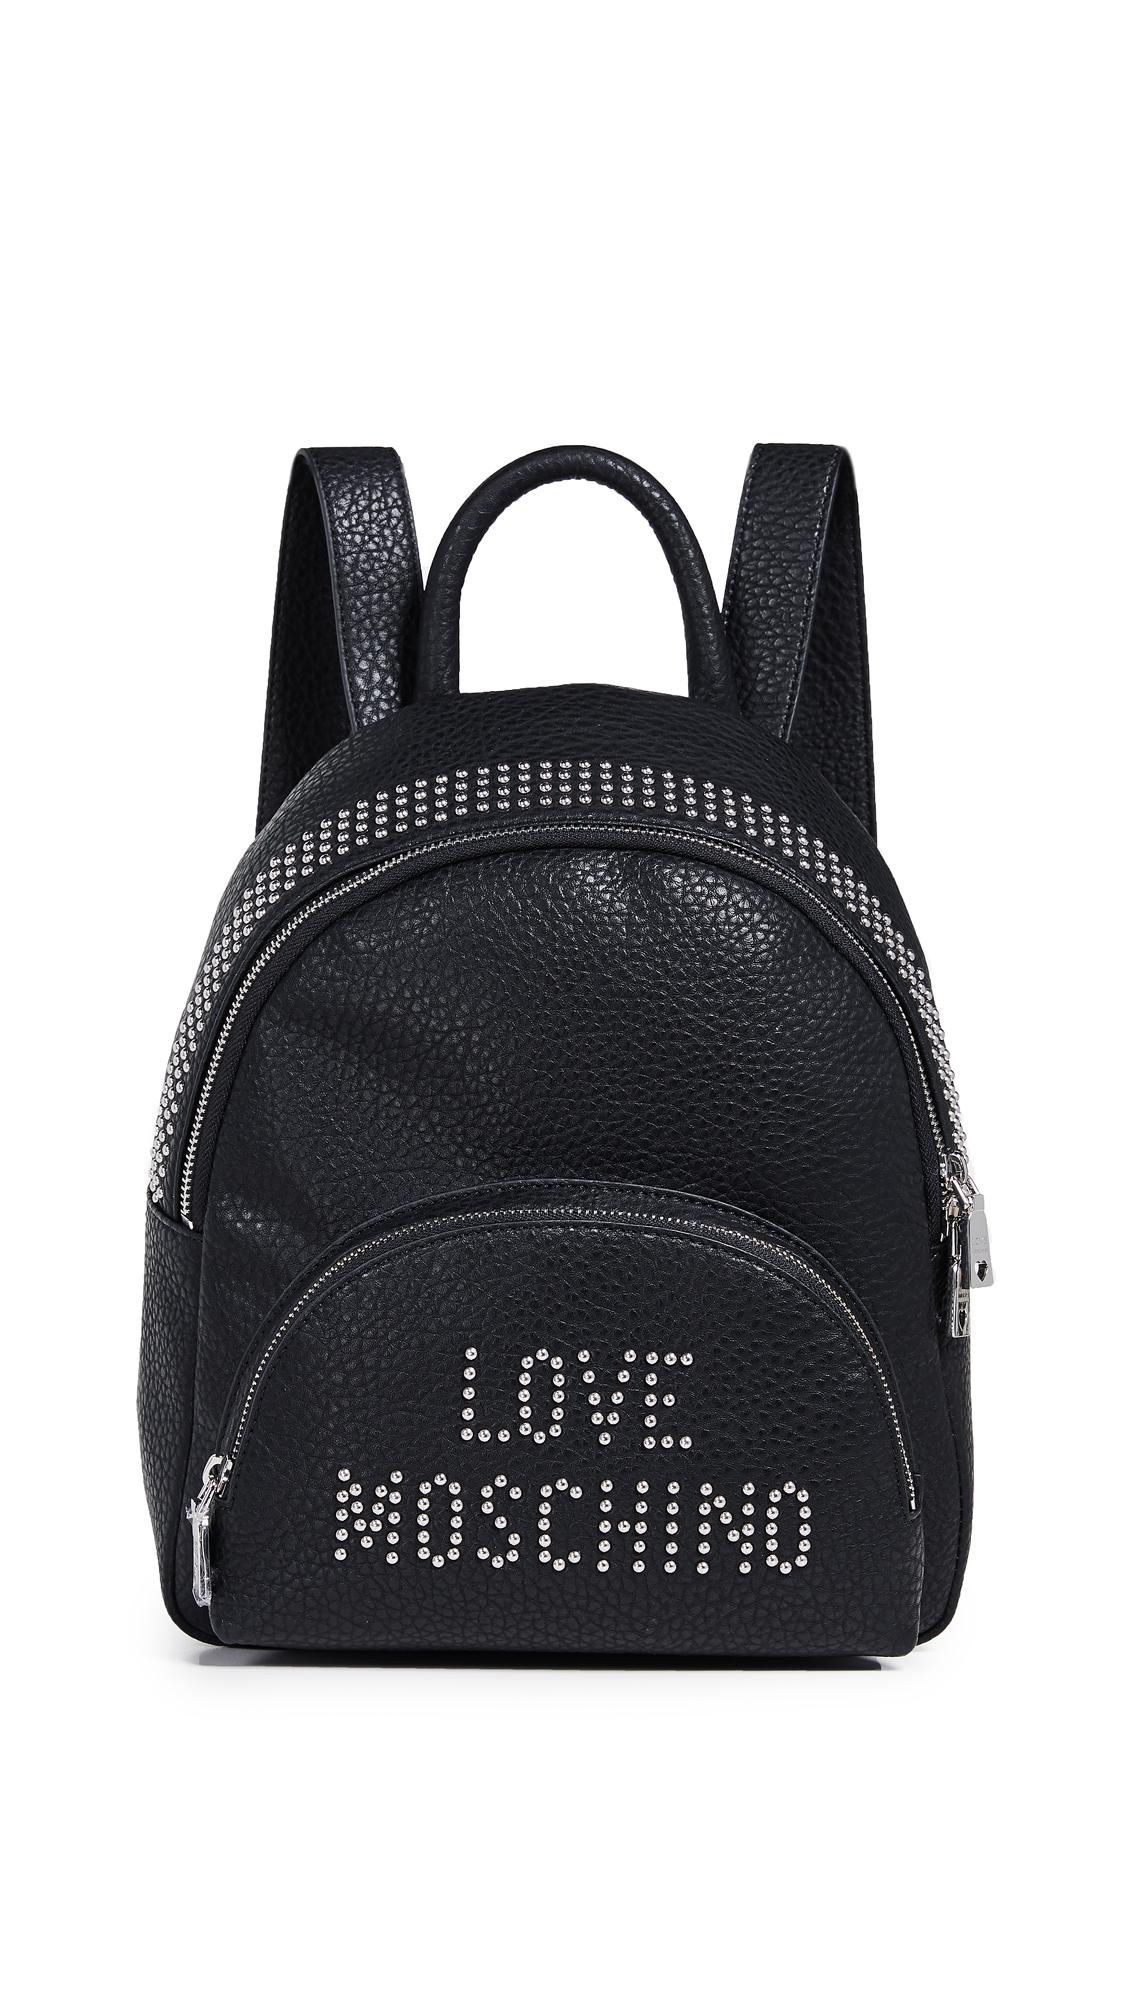 Moschino Love Moschino Backpack - Black